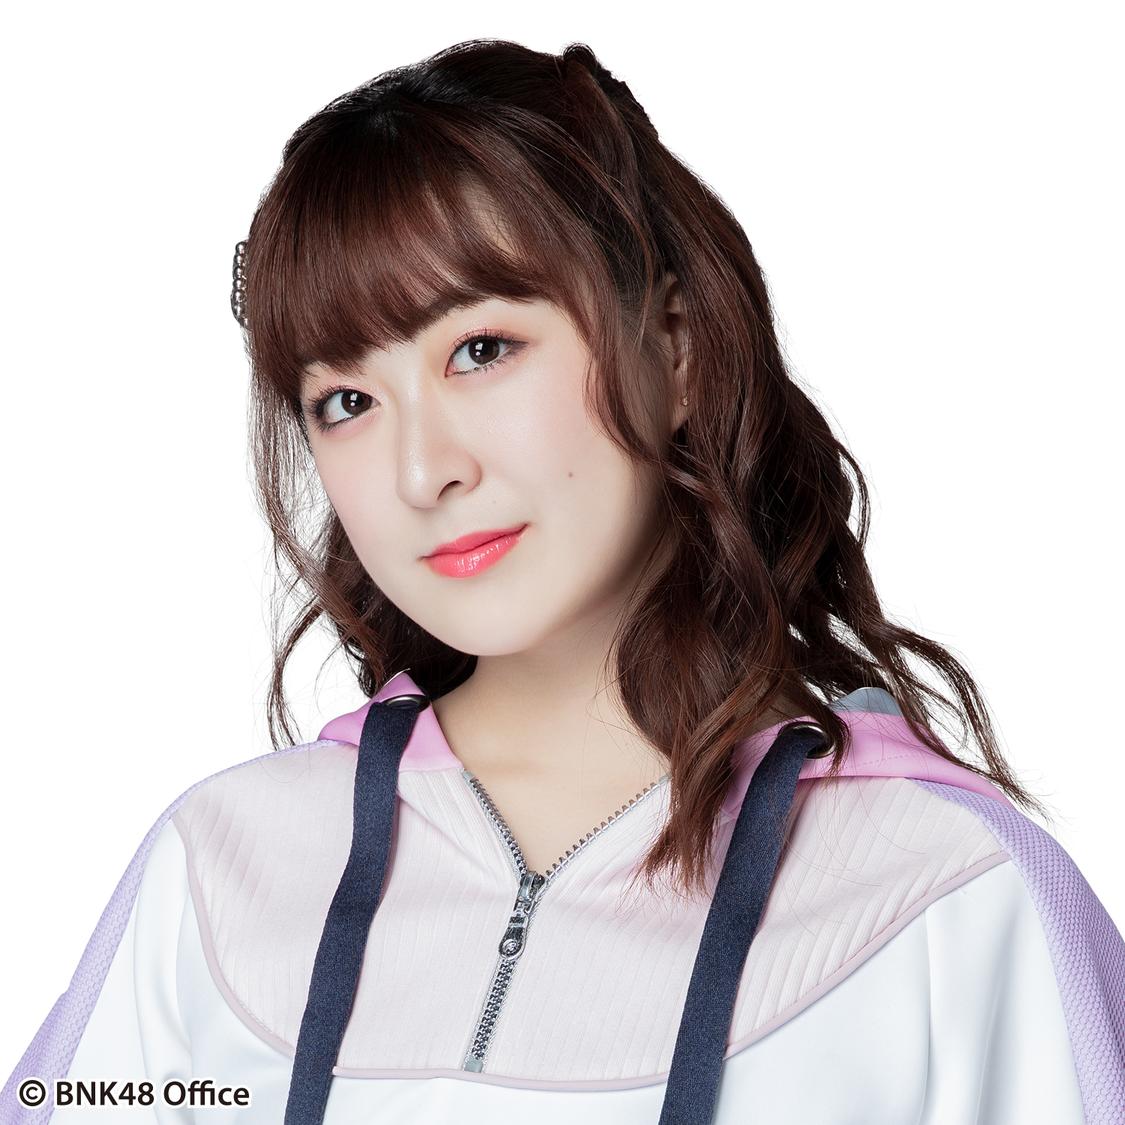 BNK48 伊豆田莉奈、タイ・チェンマイでの新グループCGM48に移籍&劇場支配人に決定!